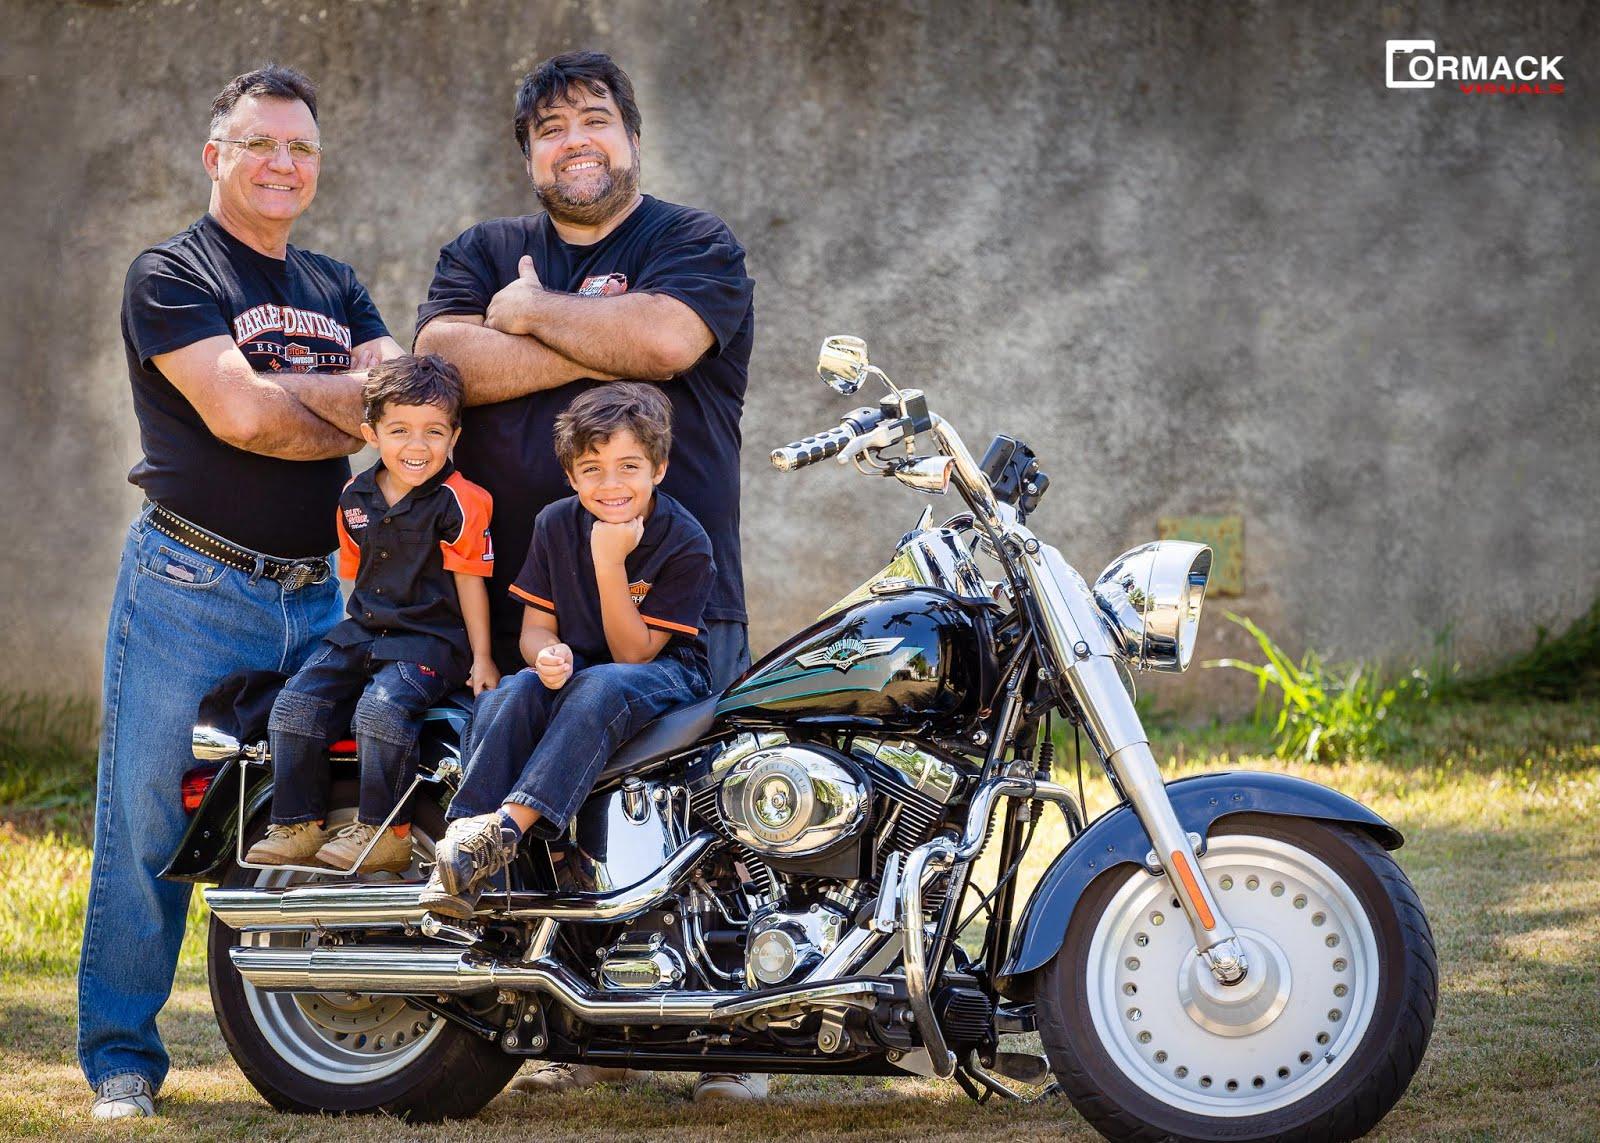 Família Roque, já na quarta geração de Harleyros